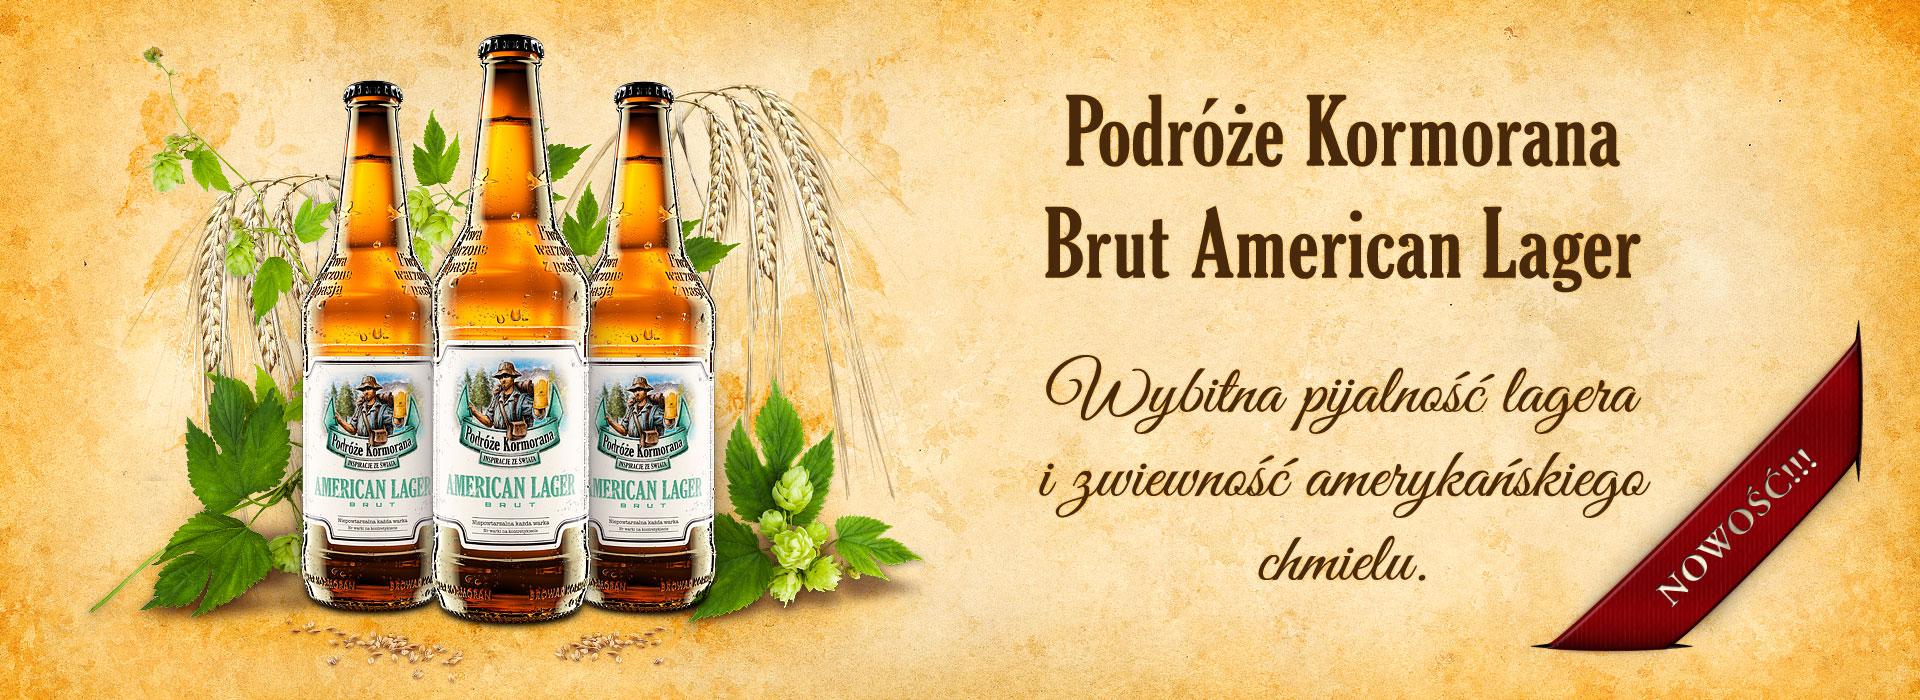 Nowość - Piwo Podróże Kormorana - Brut American Lager